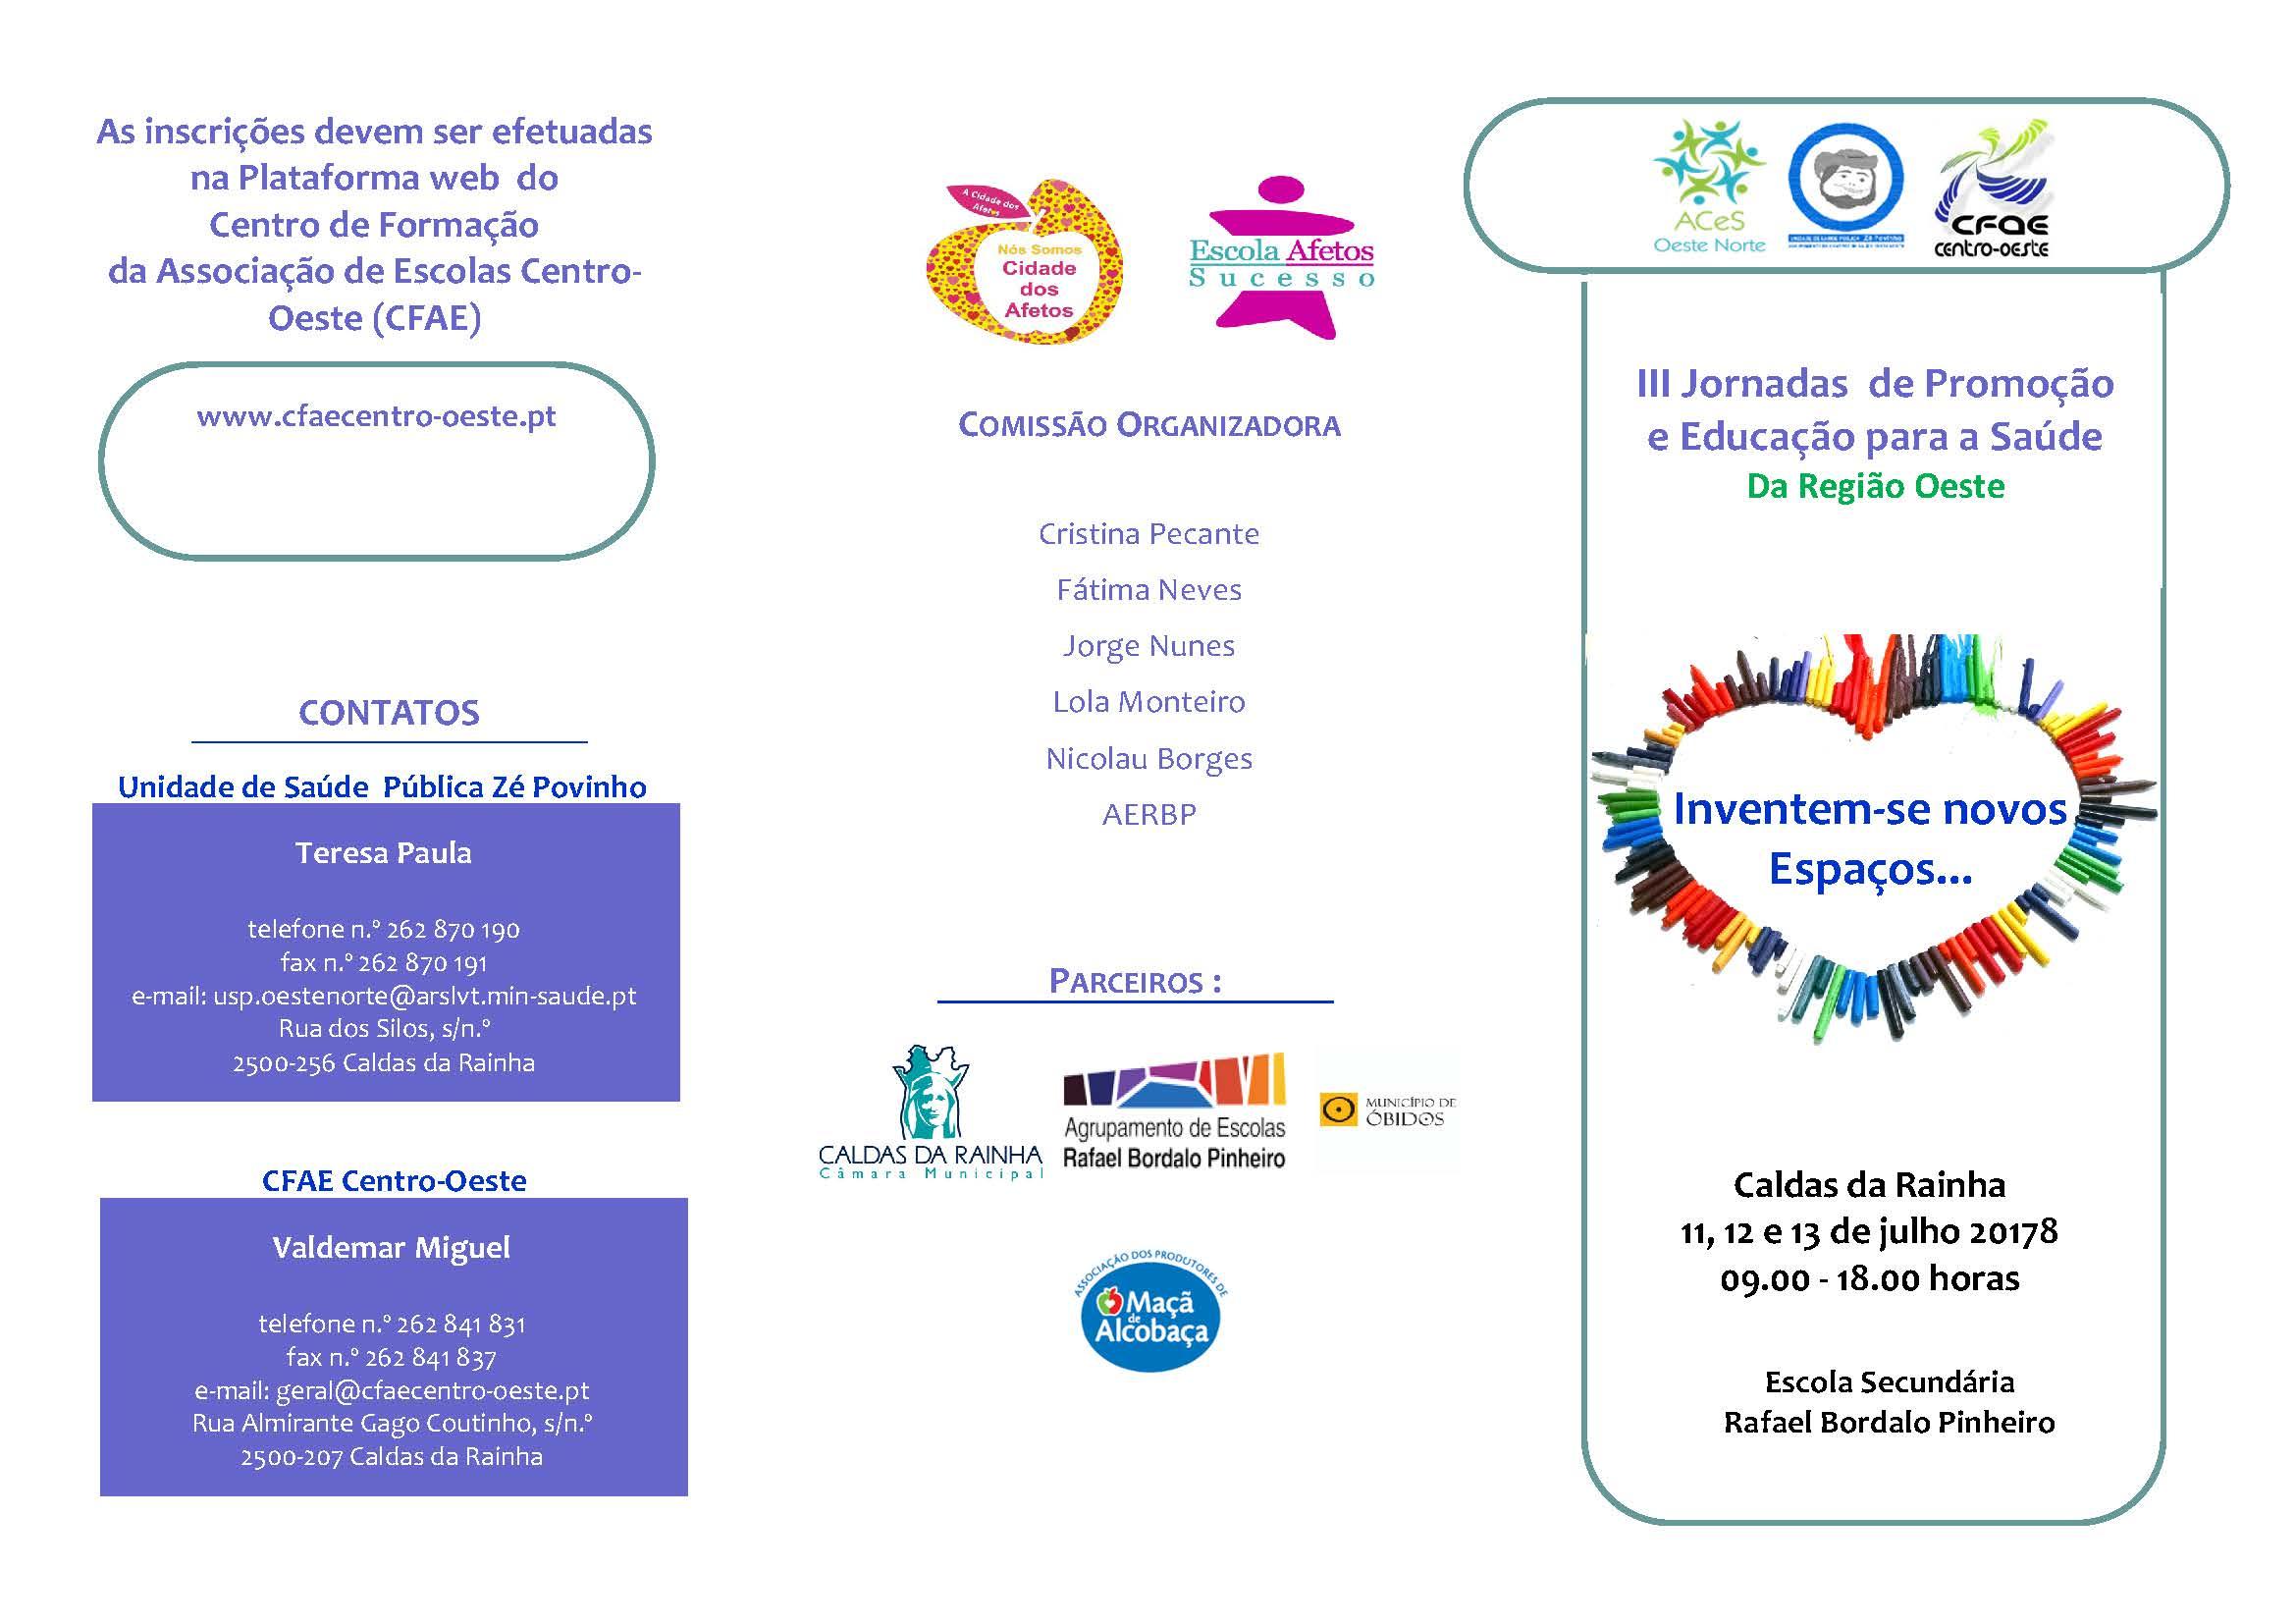 031A2018 - Jornadas de Promoção e Educação Para a Saúde(PES)